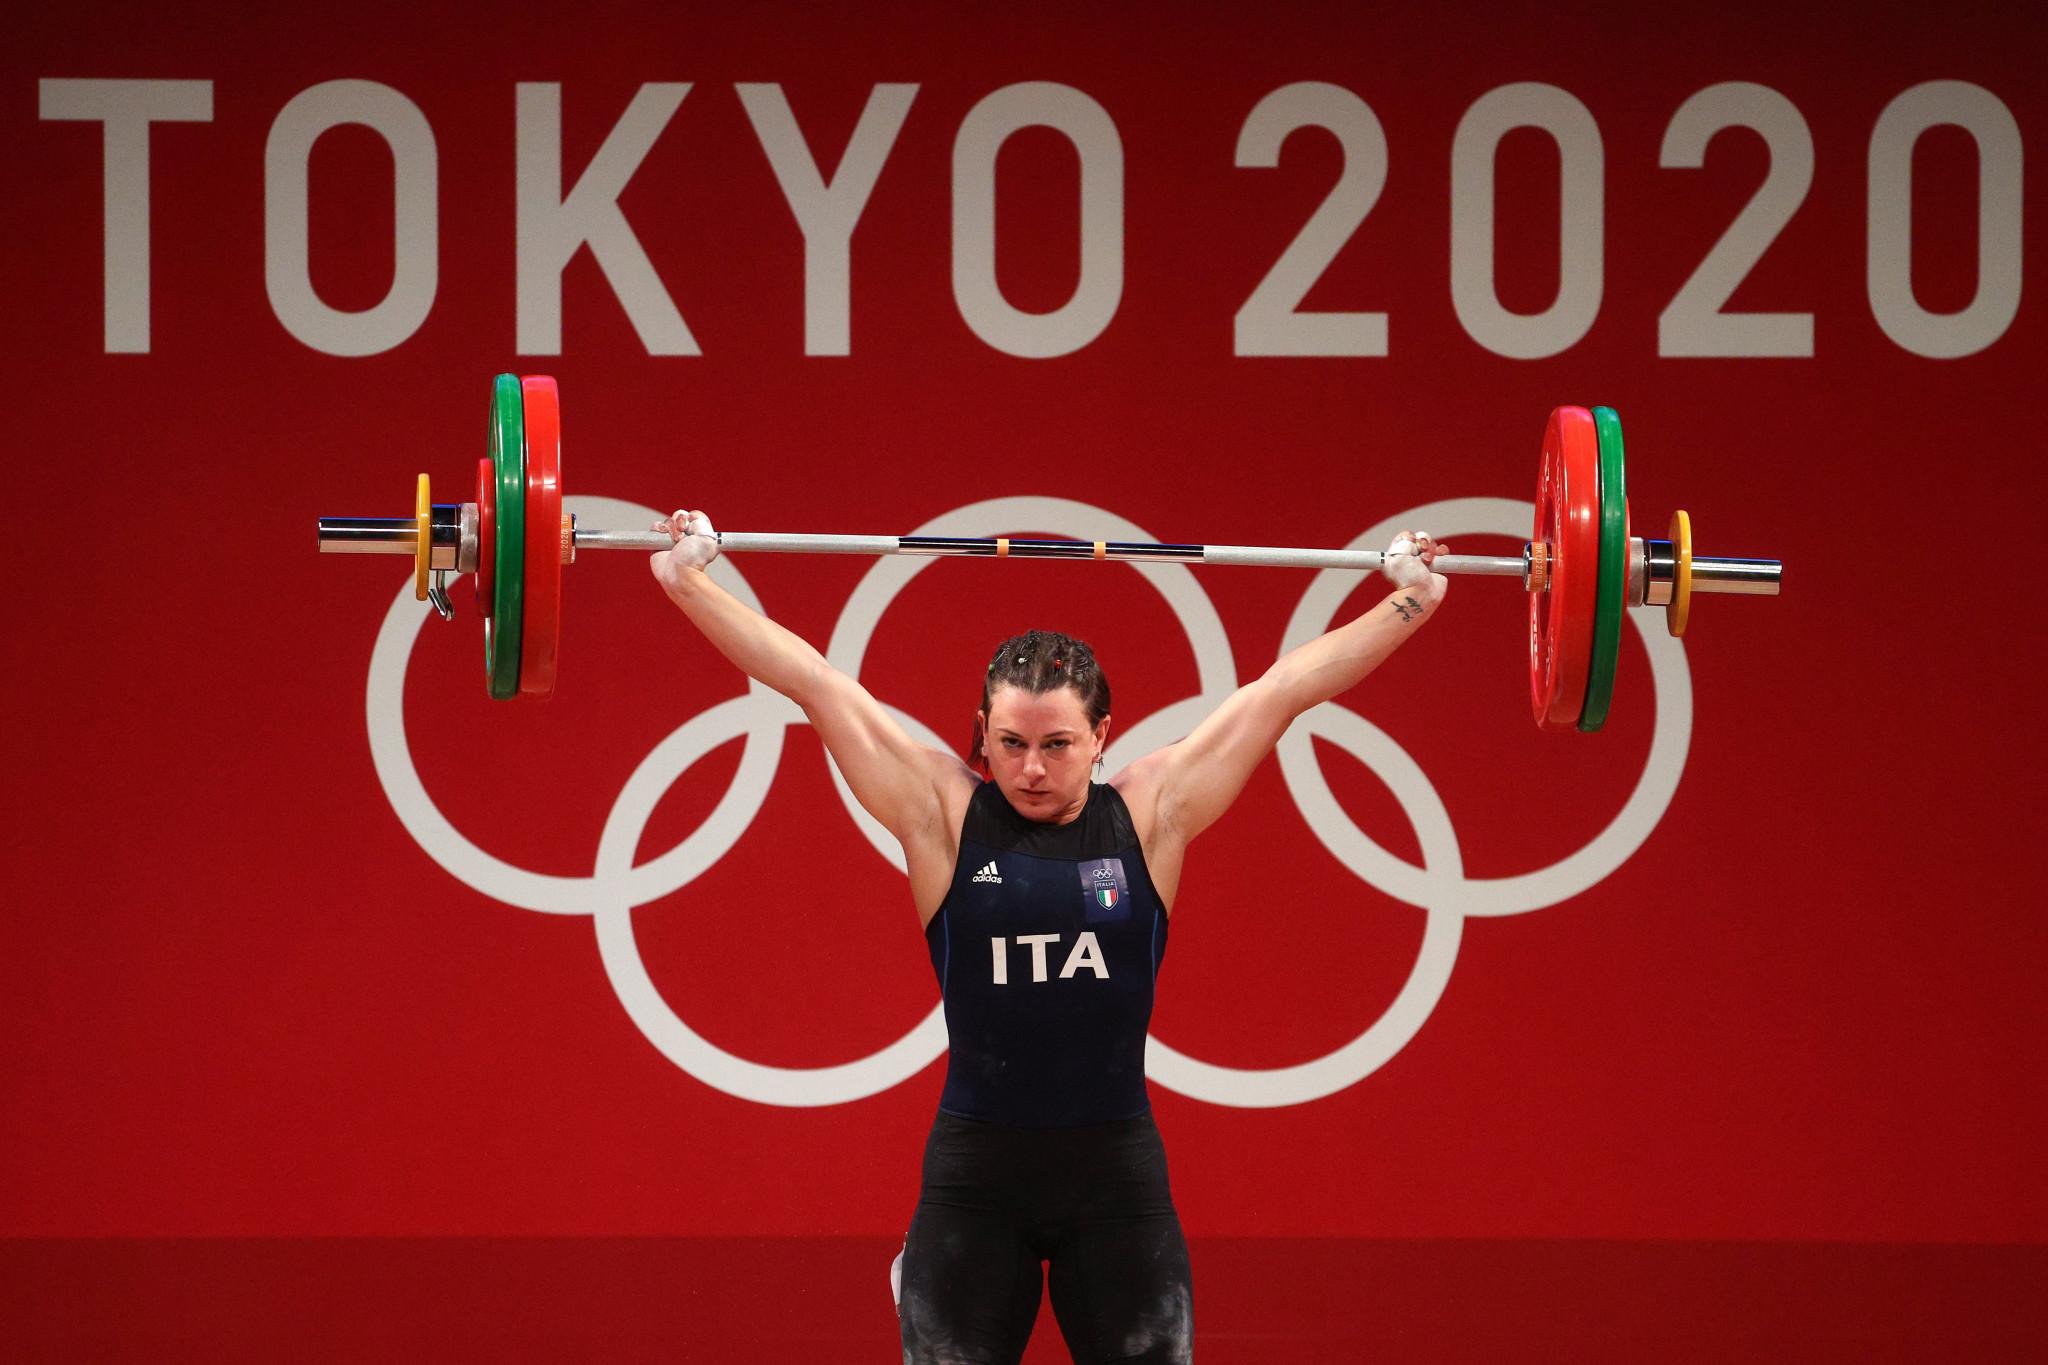 Un allenatore strategico ha il merito di aver aiutato Georgia Portigan a finire secondo alle Olimpiadi © Getty Images